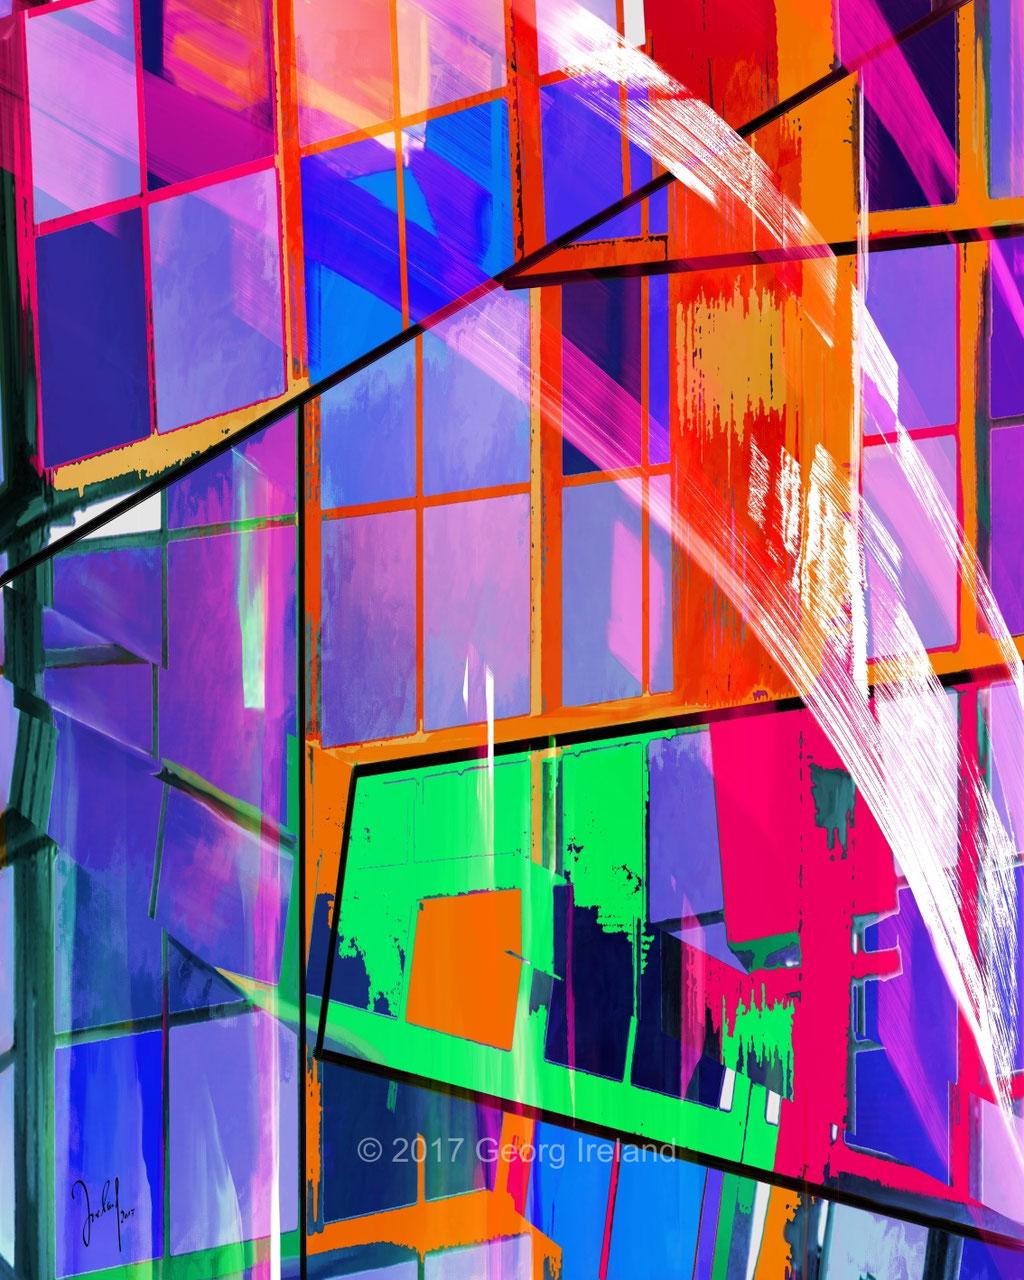 Die Fenster gegenüber 2